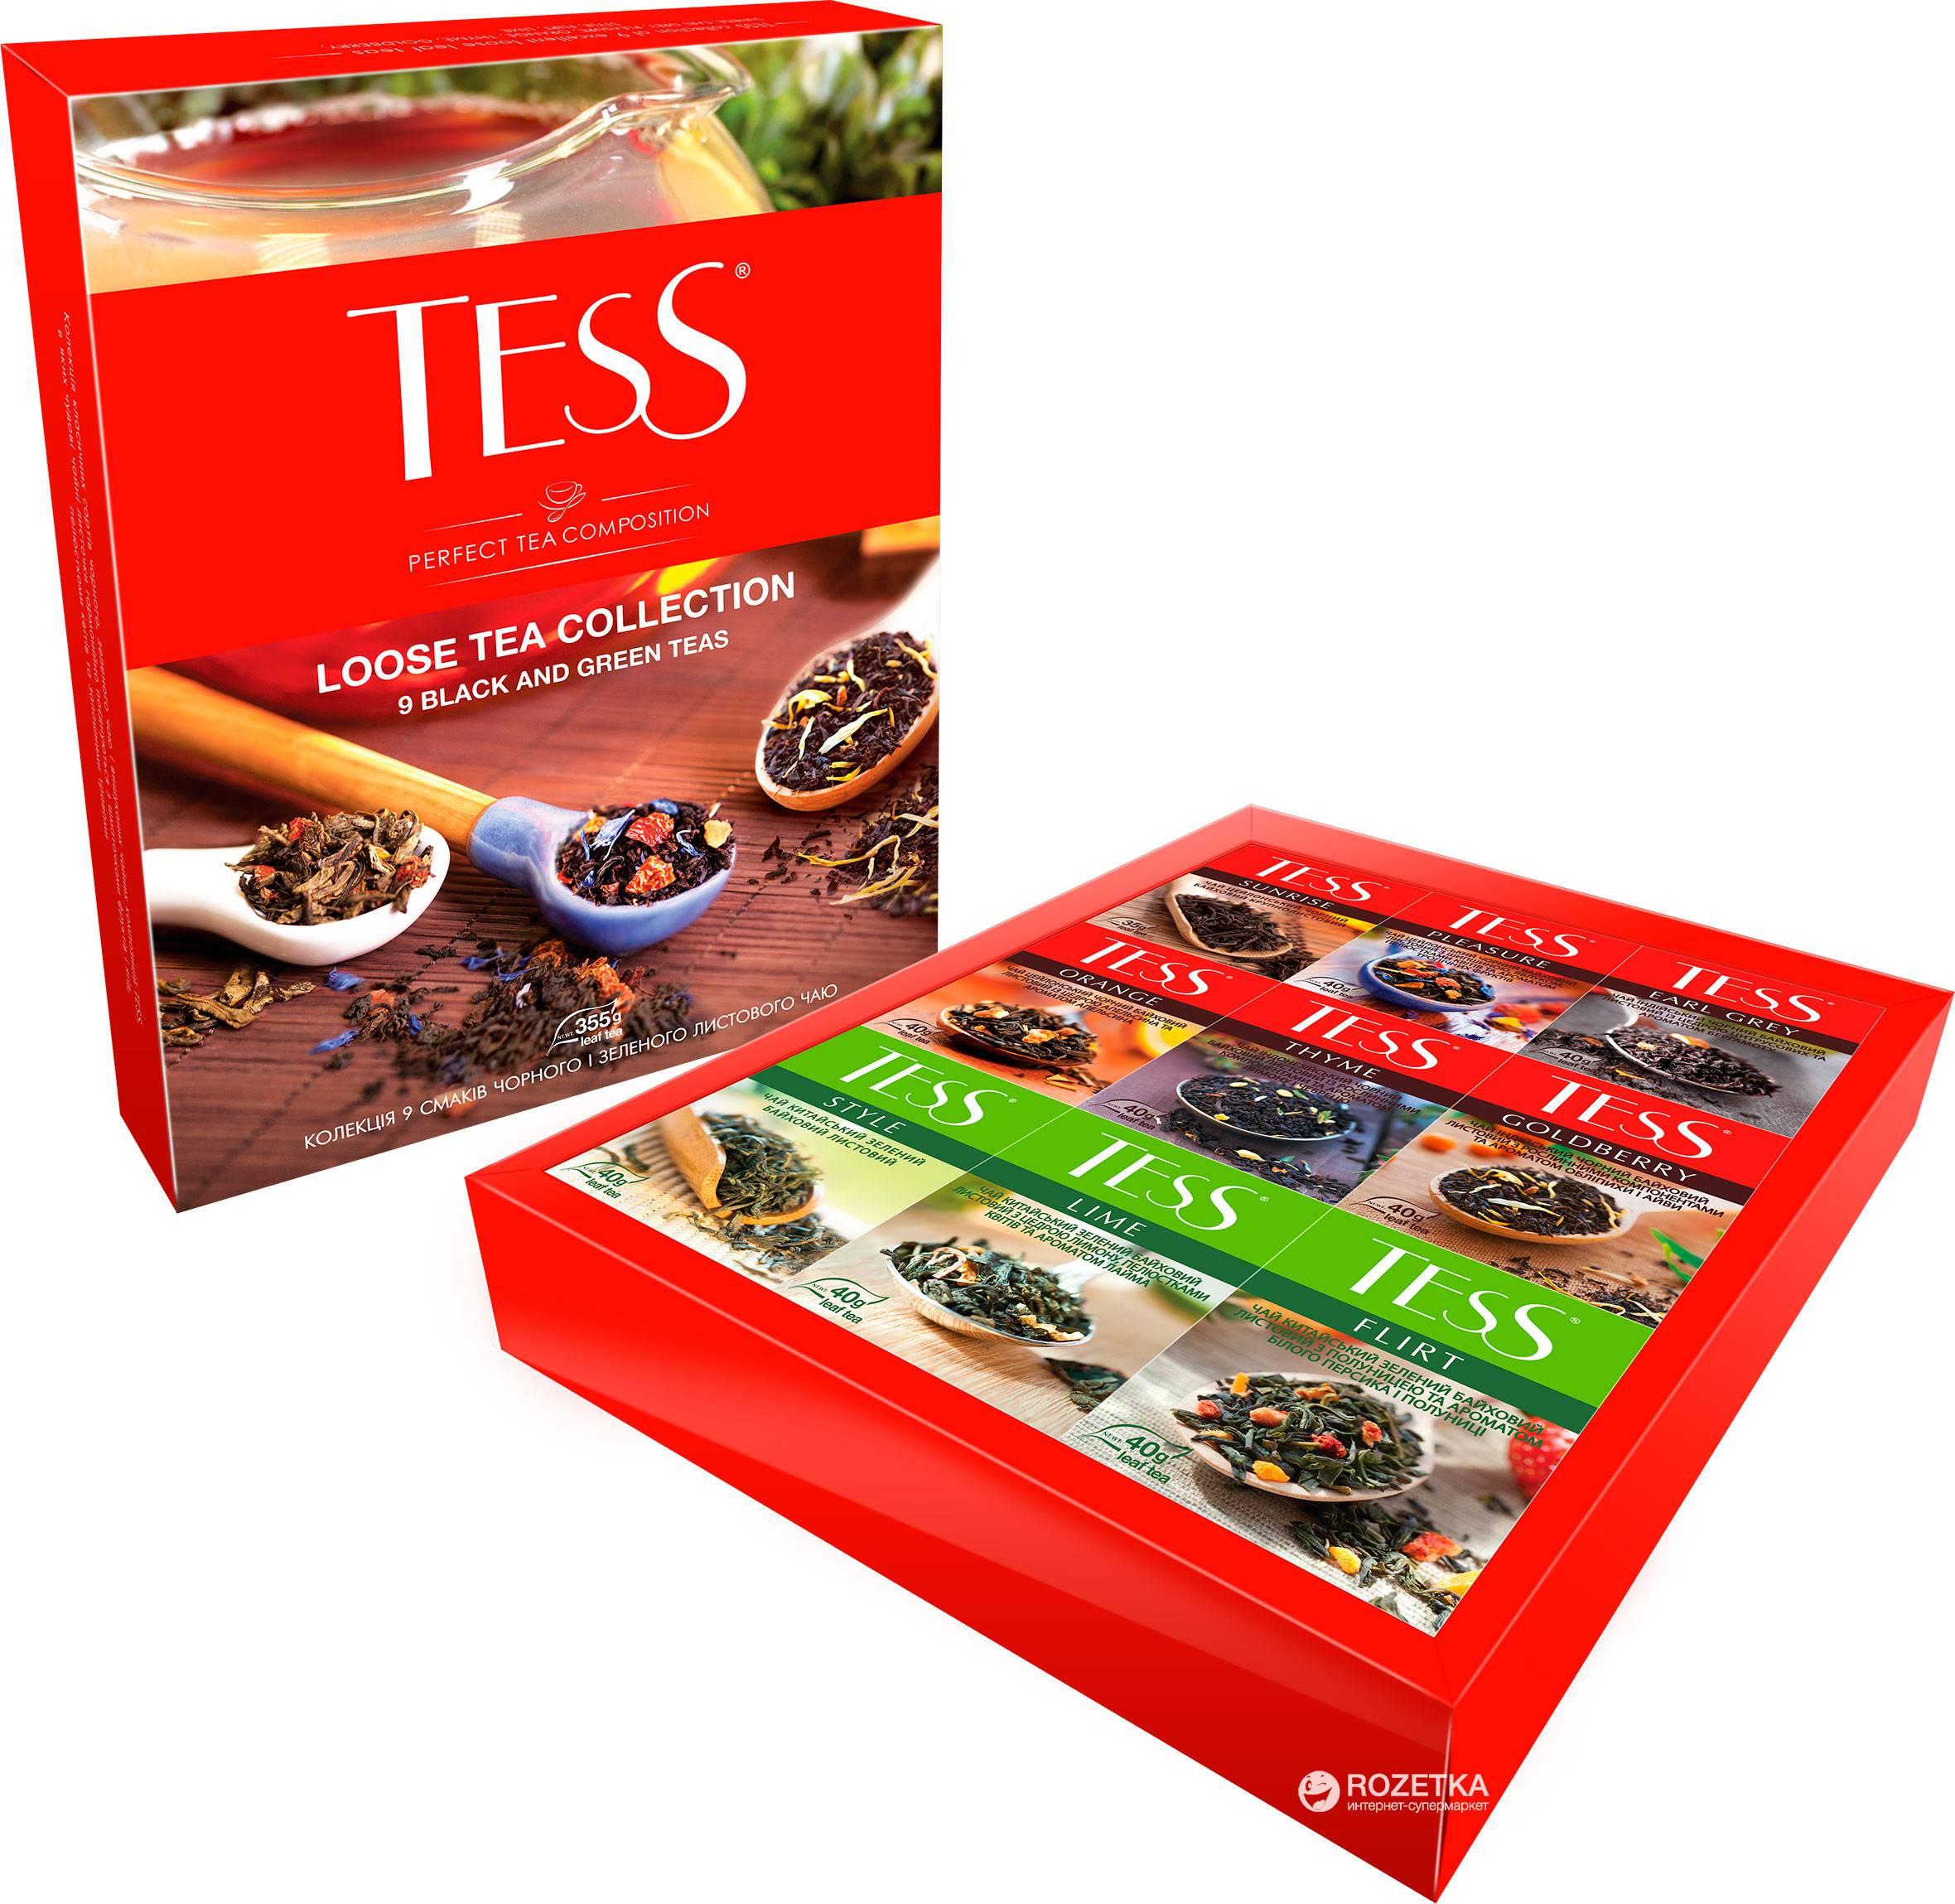 Чай на все случаи жизни — линейка чая тесс